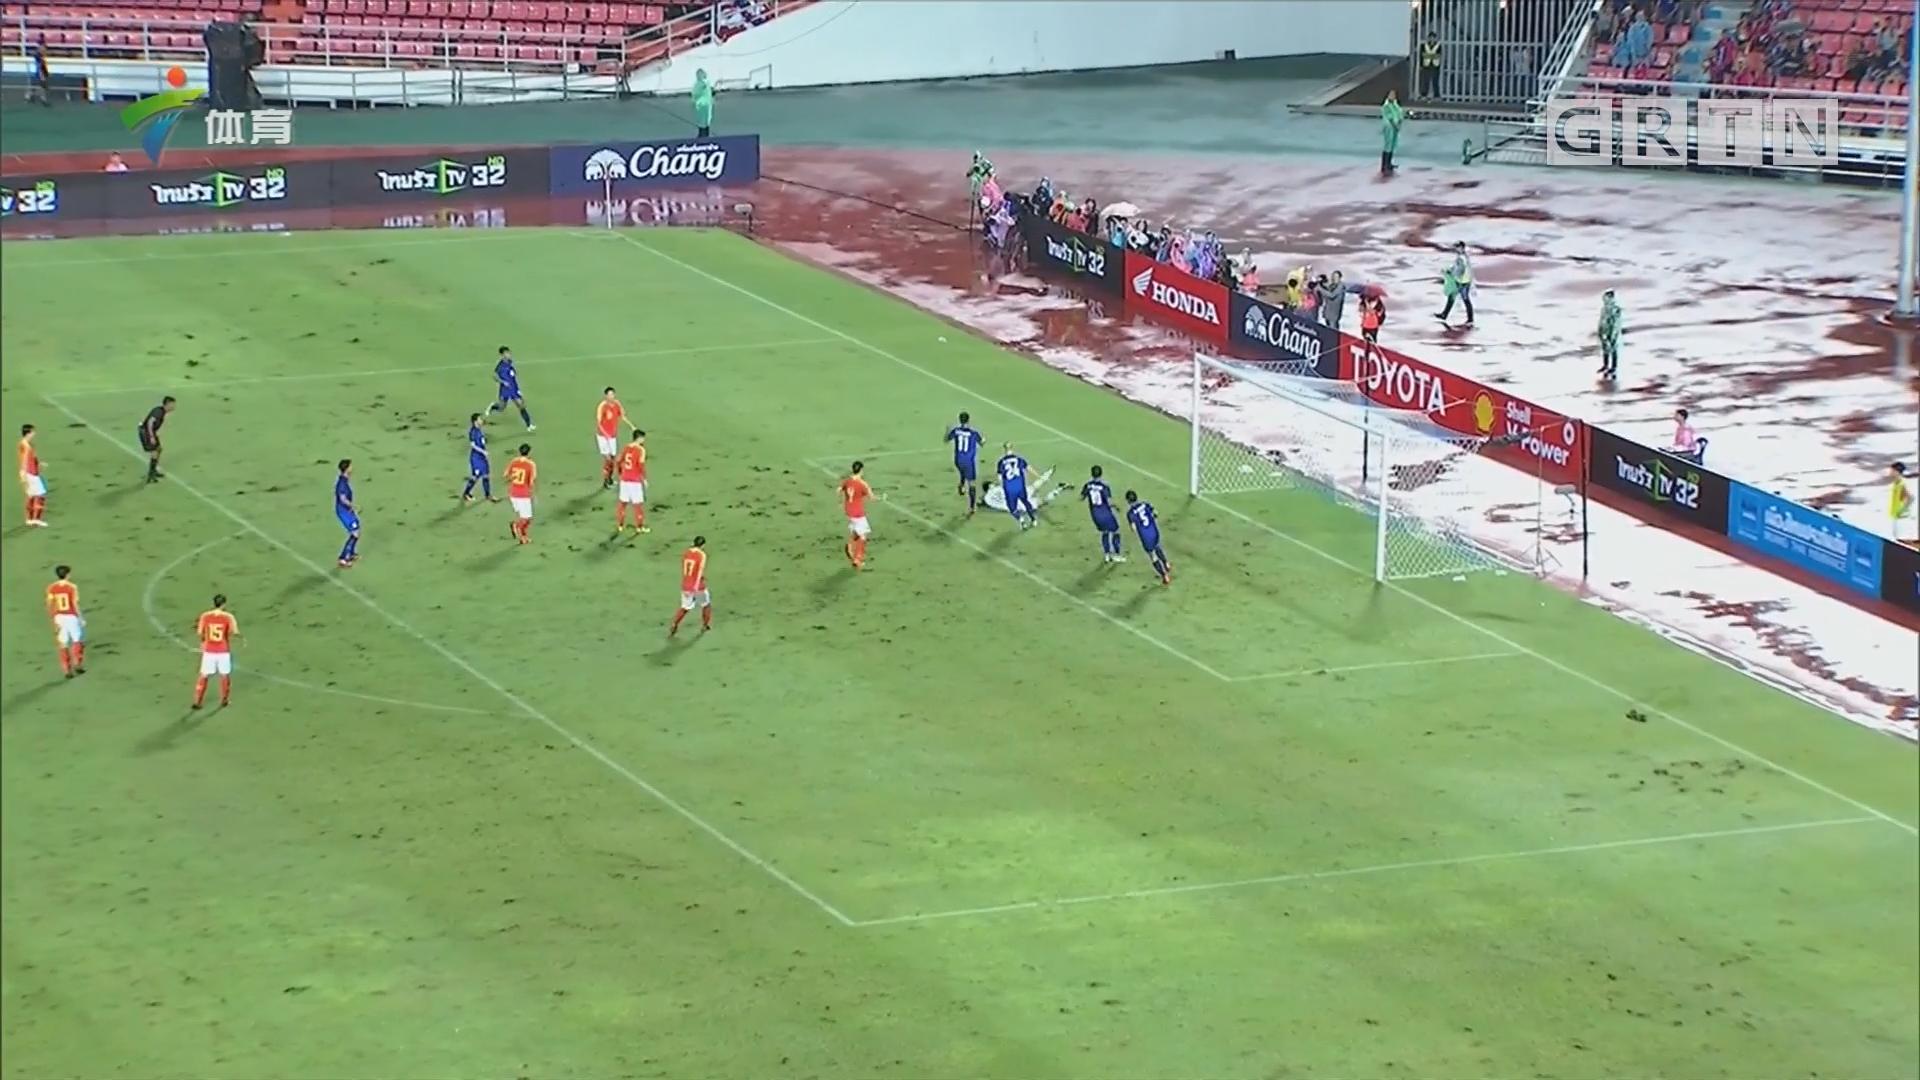 武磊梅开二度 中国男足客场战胜泰国